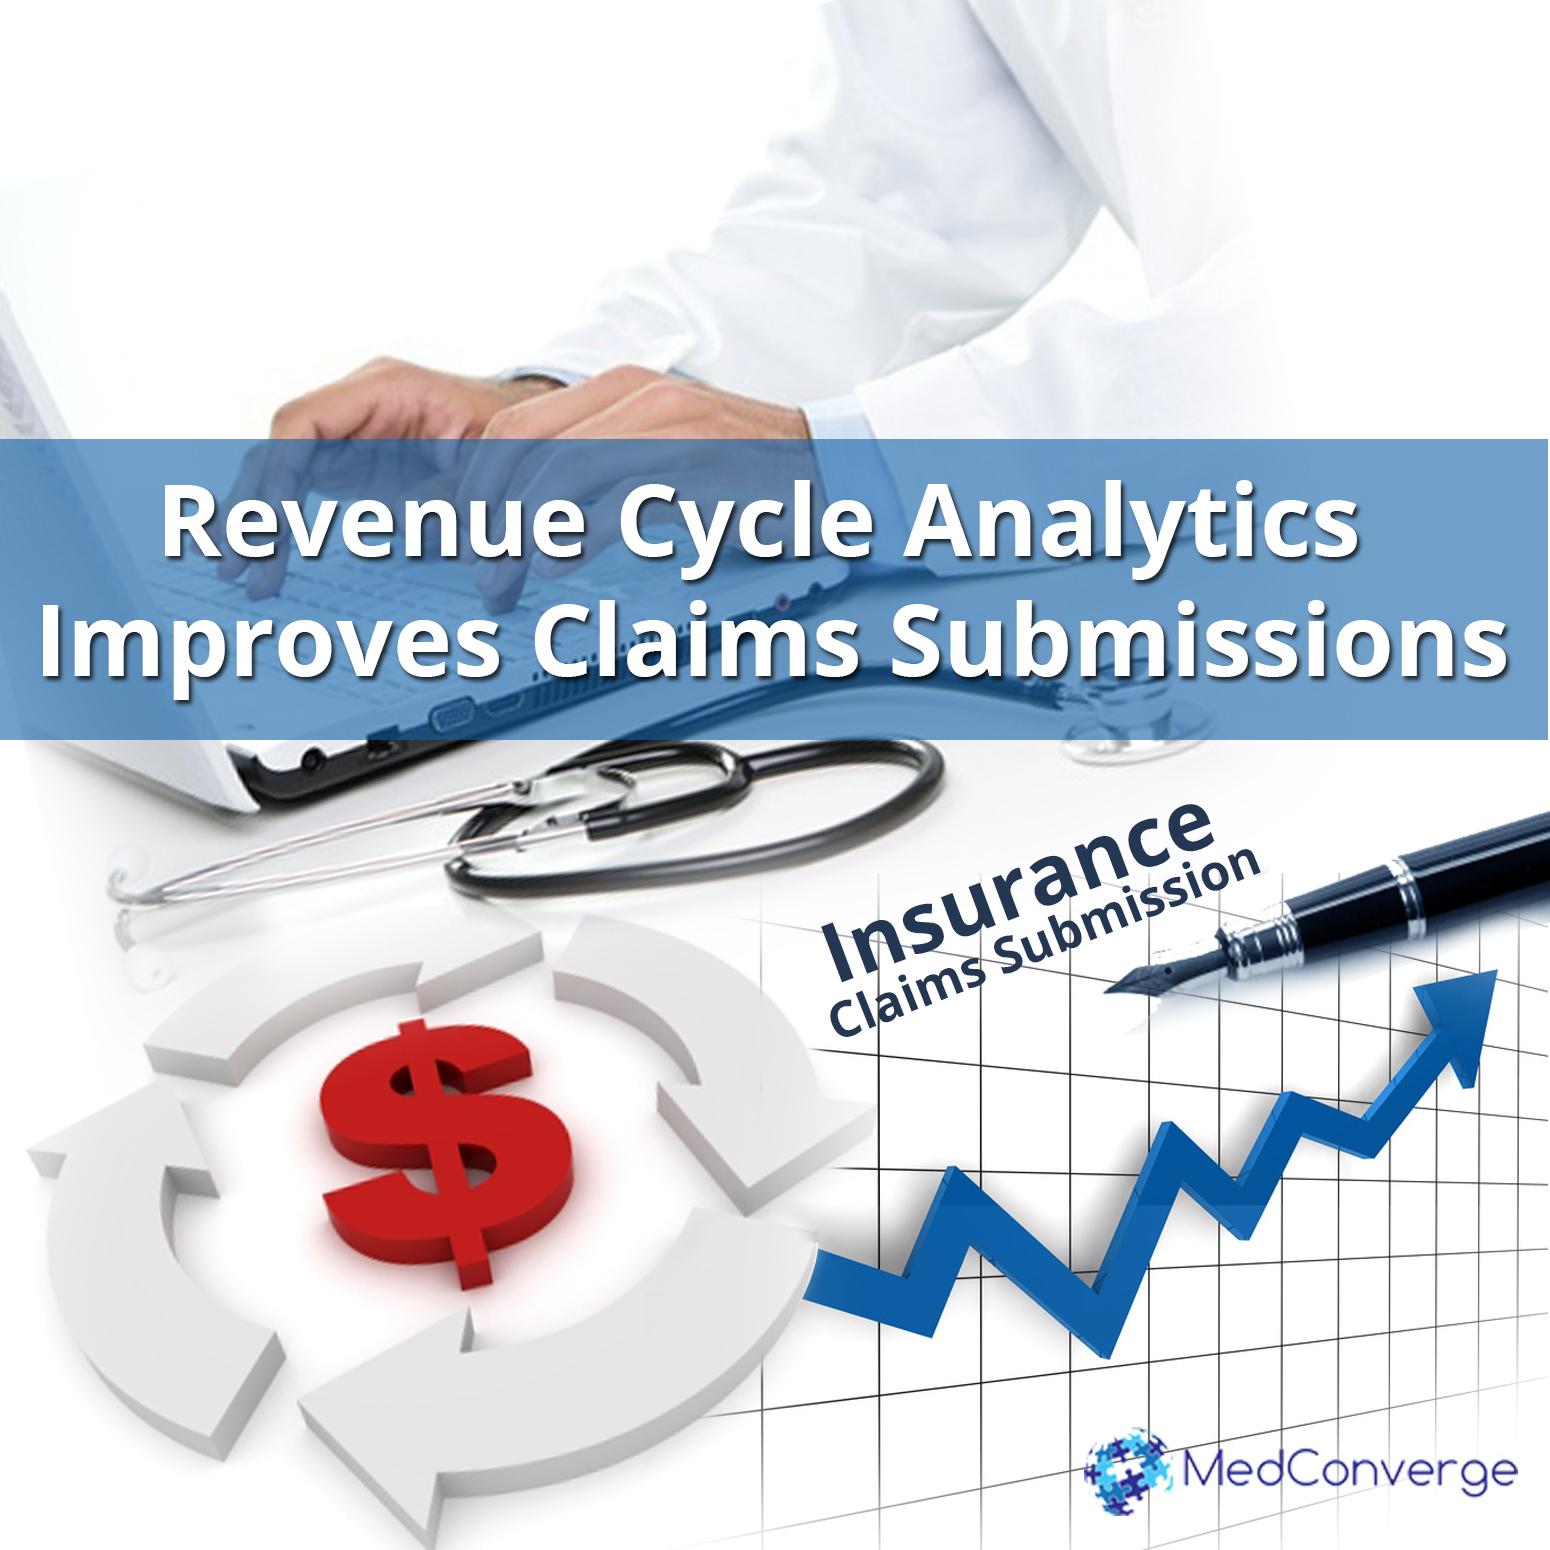 Revenue Cycle Analytics